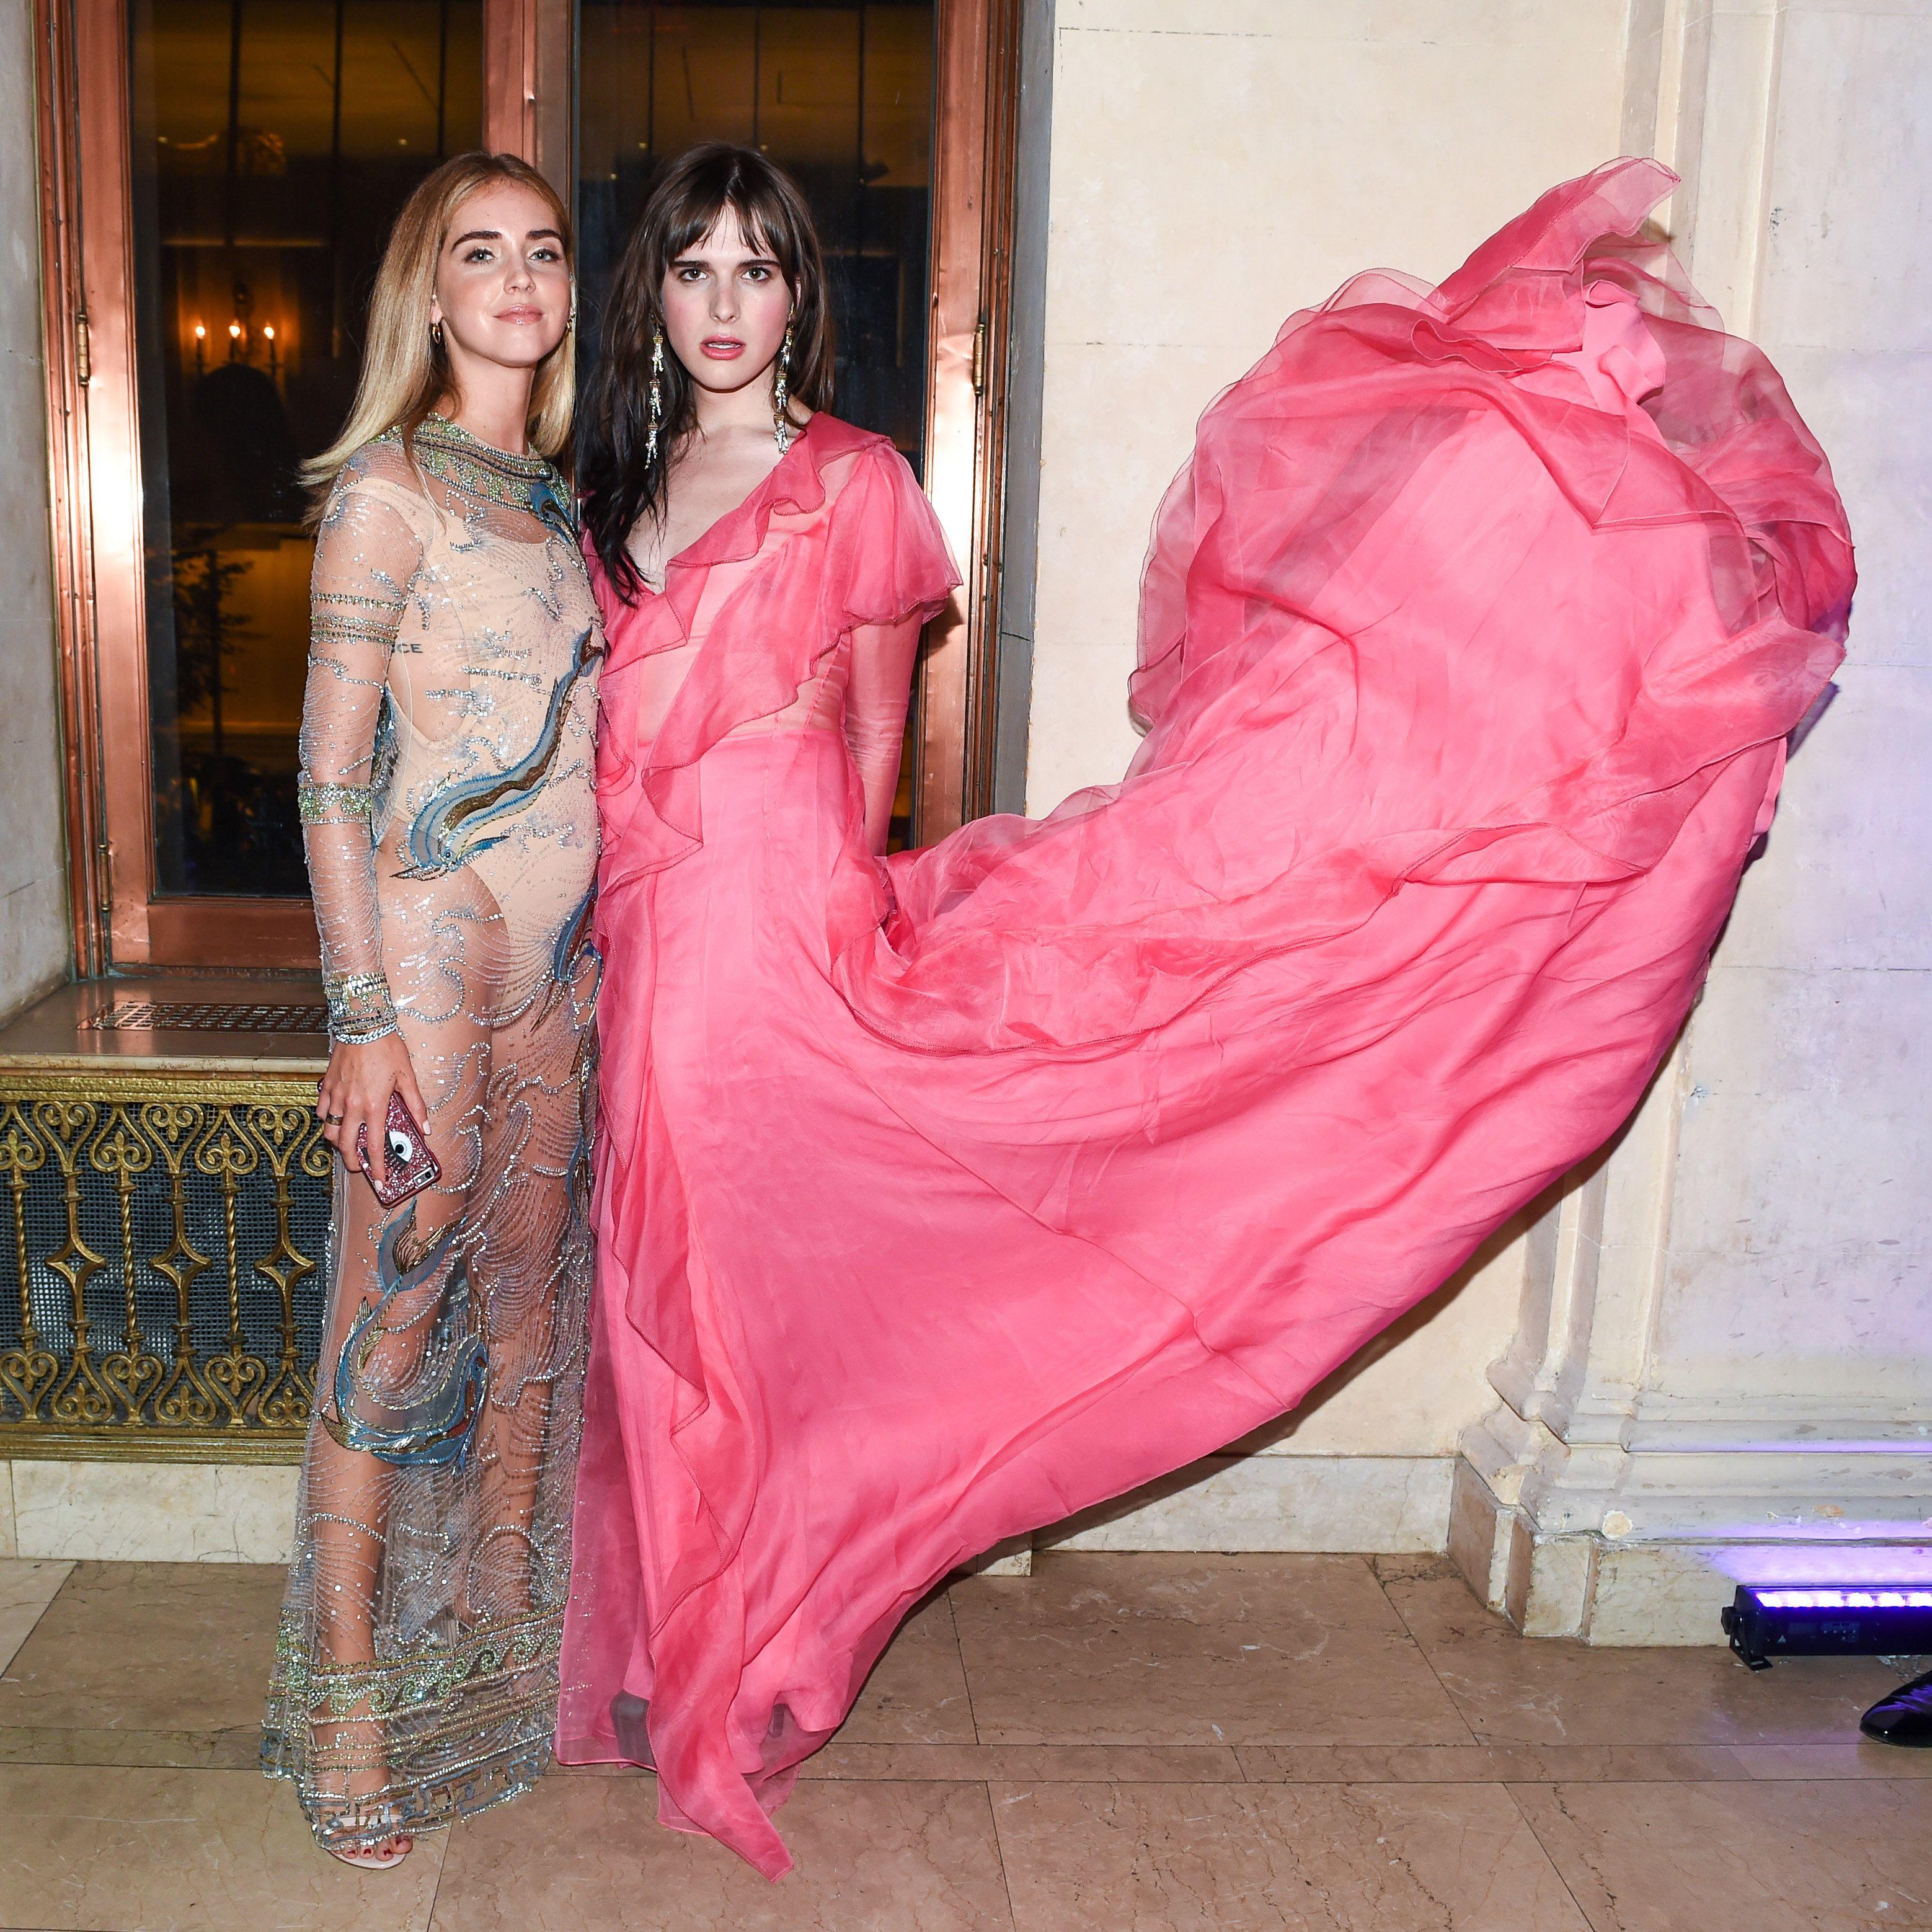 8d91e1644 Chiara Ferragni in Roberto Cavalli and Hari Nef in Gucci - Harper's BAZAAR  Celebrates Icons by